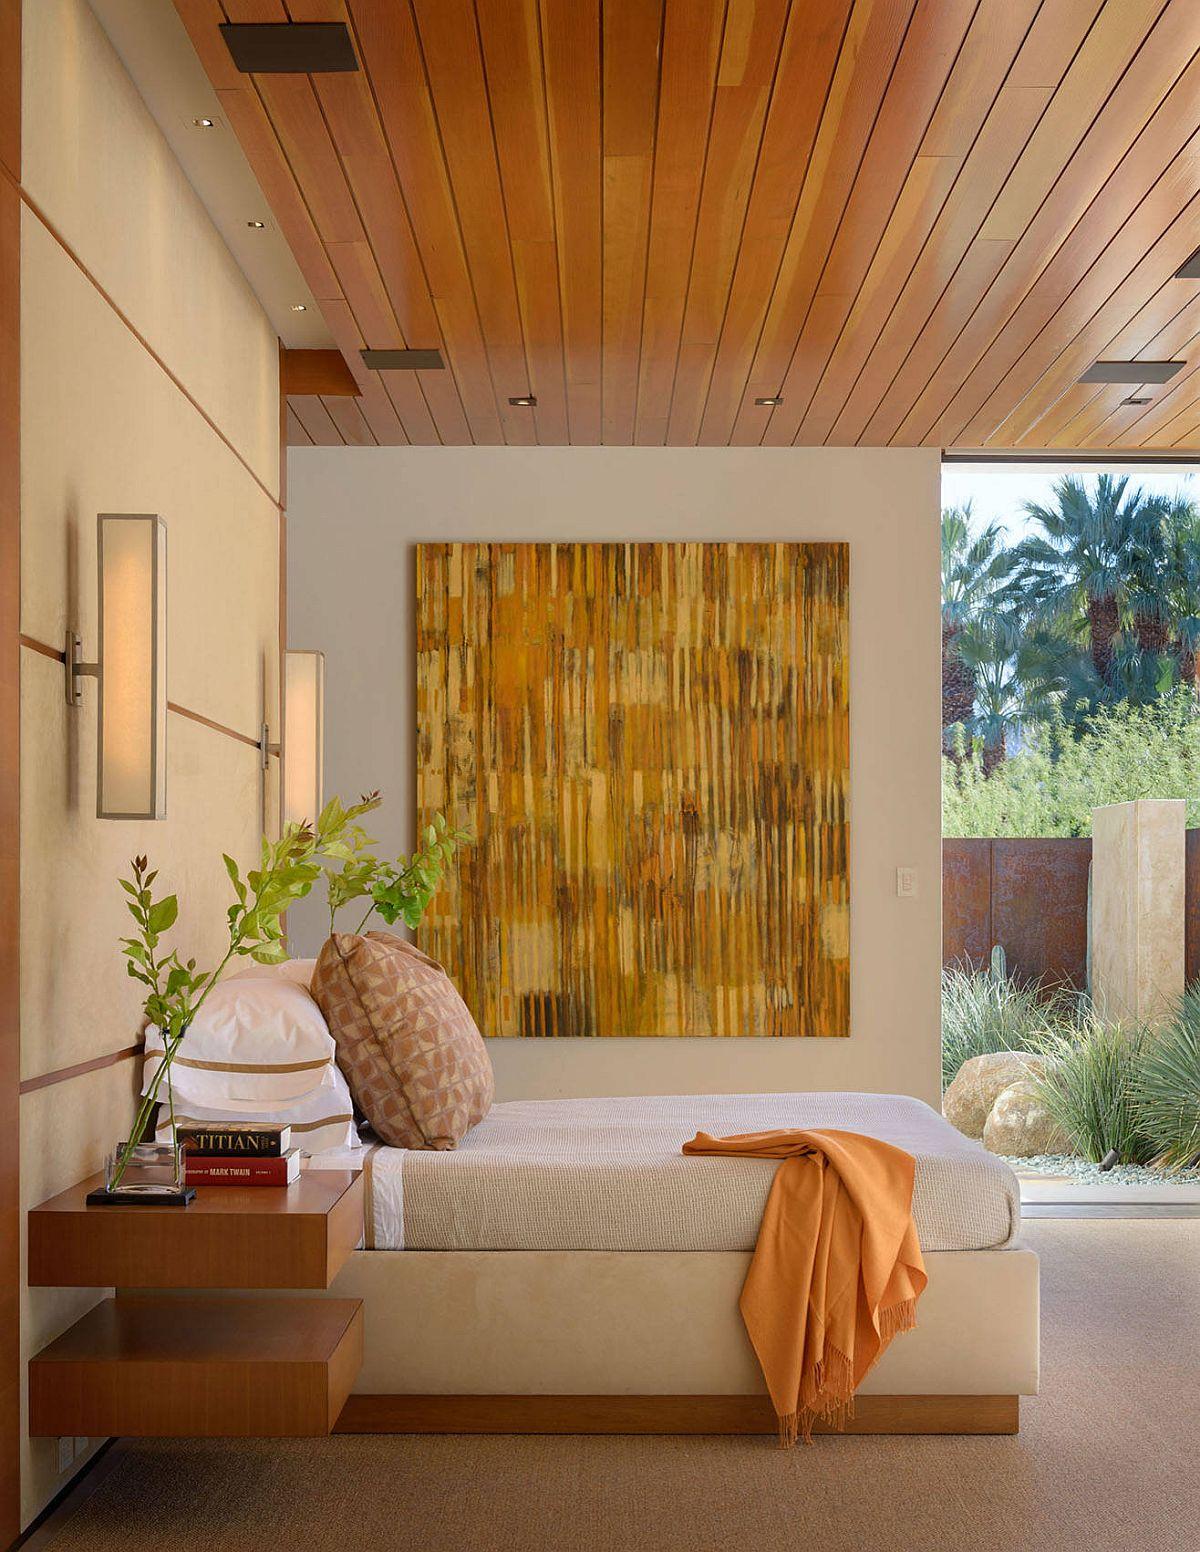 Phòng ngủ thư giãn nơi cây xanh trở thành một phần của nội thất